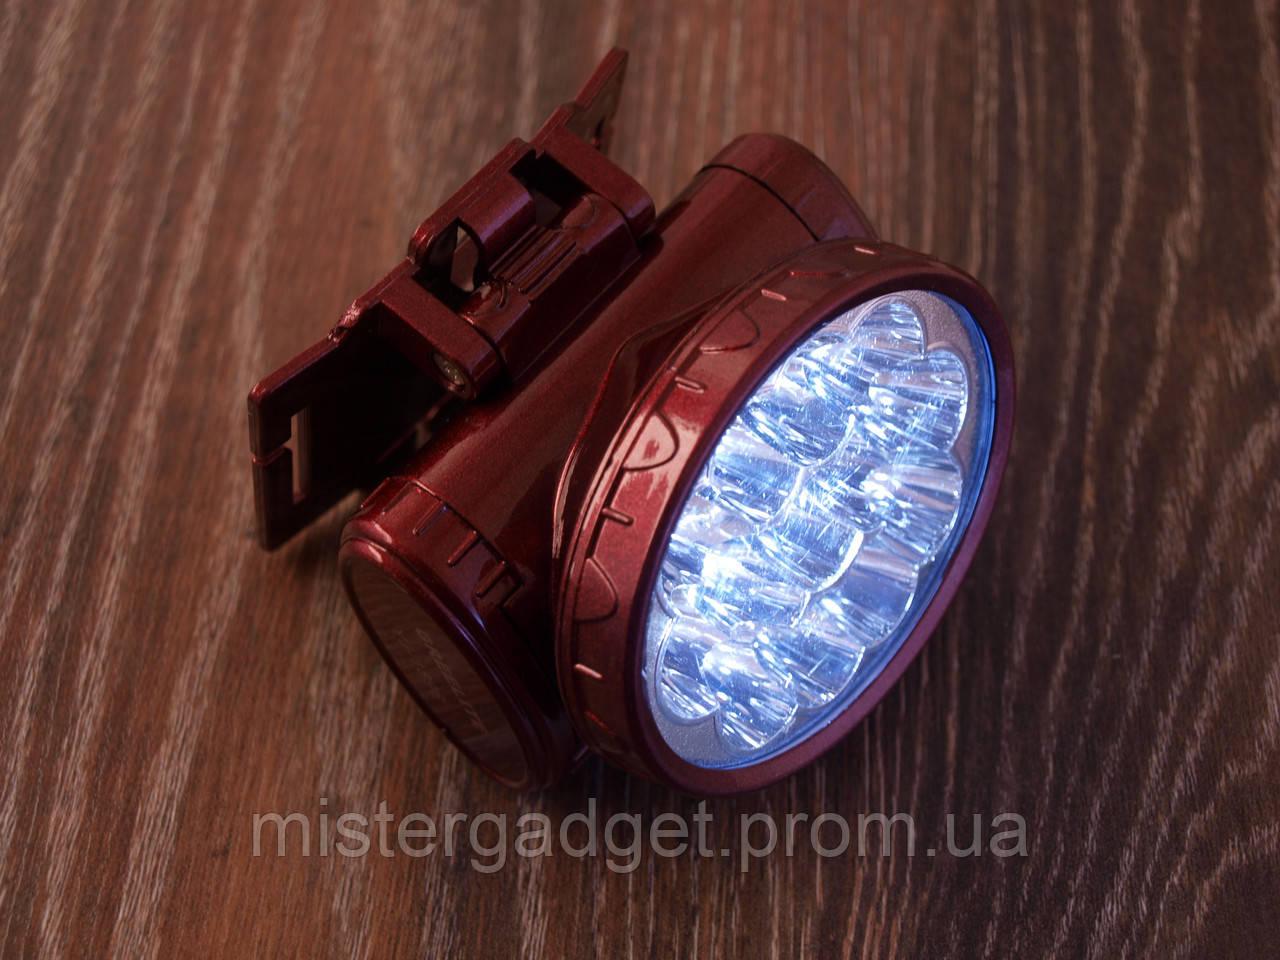 Фонарик налобный YJ-1898 LED Аккумуляторный фонарь 1898